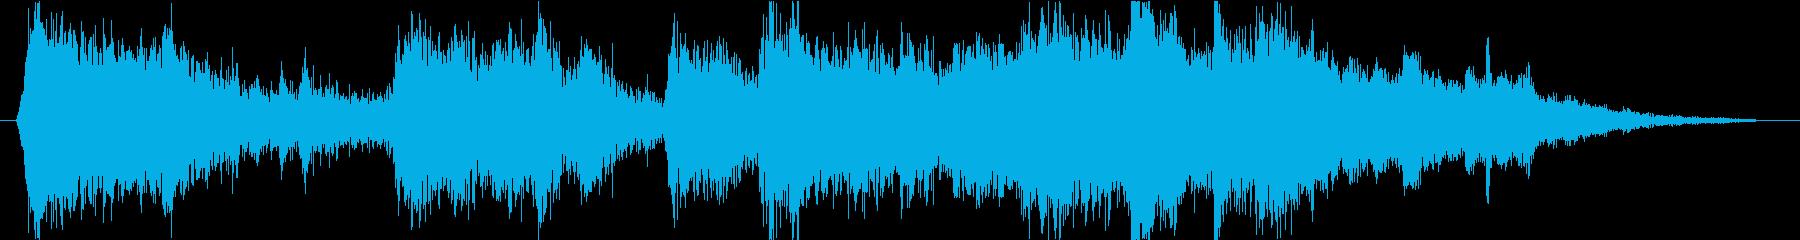 緊迫感のあるオーケストラジングルの再生済みの波形